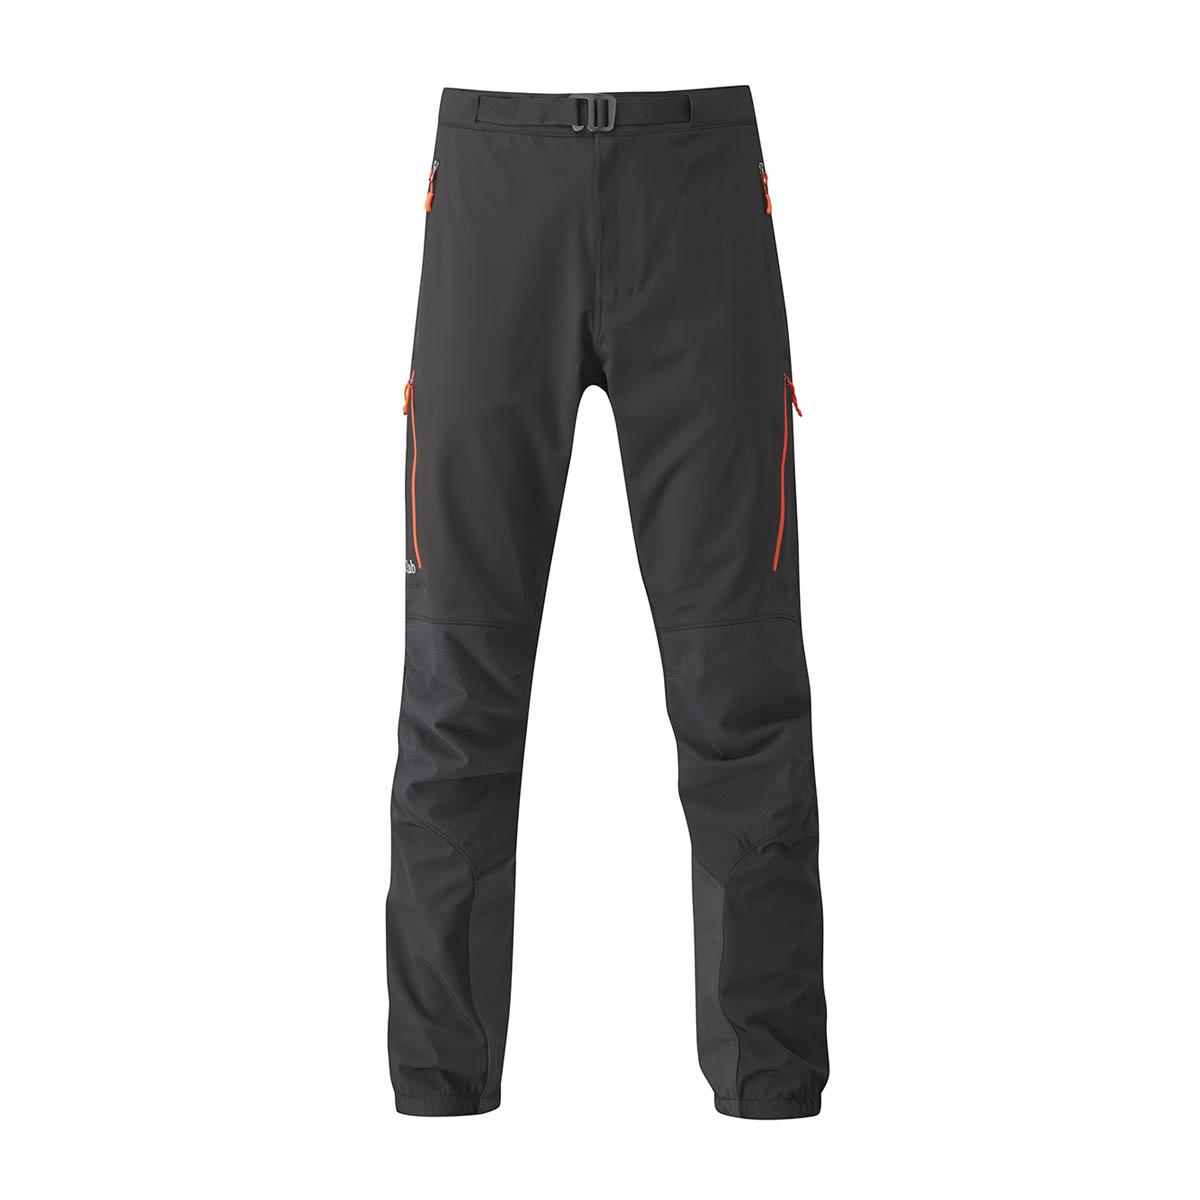 3ef5da161 ŠPORTOVÉ OBLEČENIE | Zimné turistické nohavice RAB Calibre, veľ. L ...